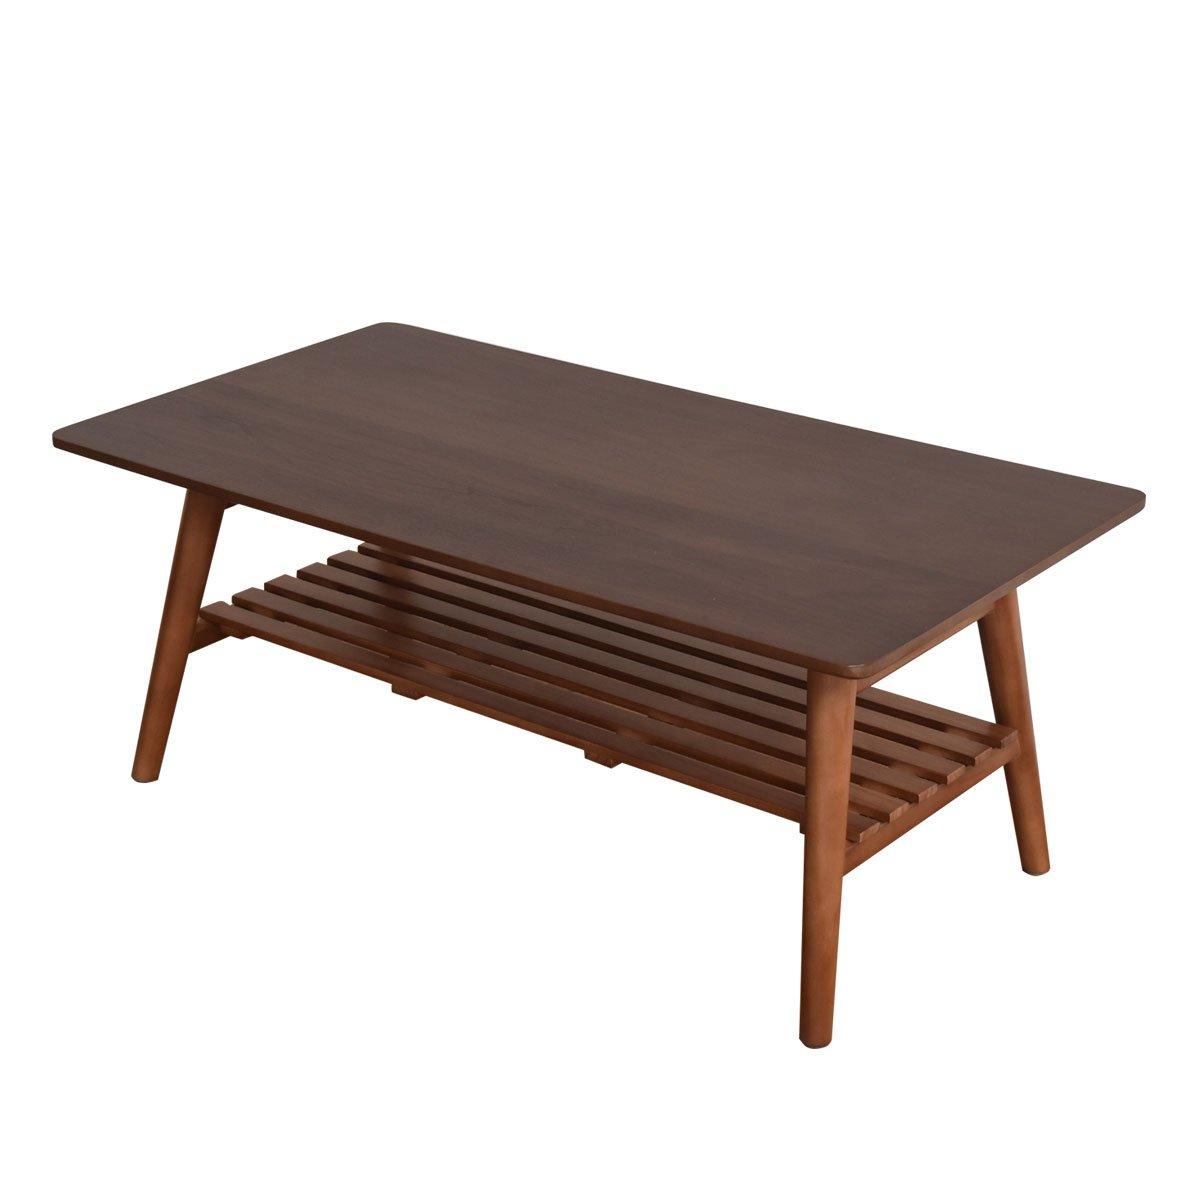 VANETTE(バネット) ウォールナット 折りたたみテーブル 幅88cm (スクエア型) B07D8RC3PZ